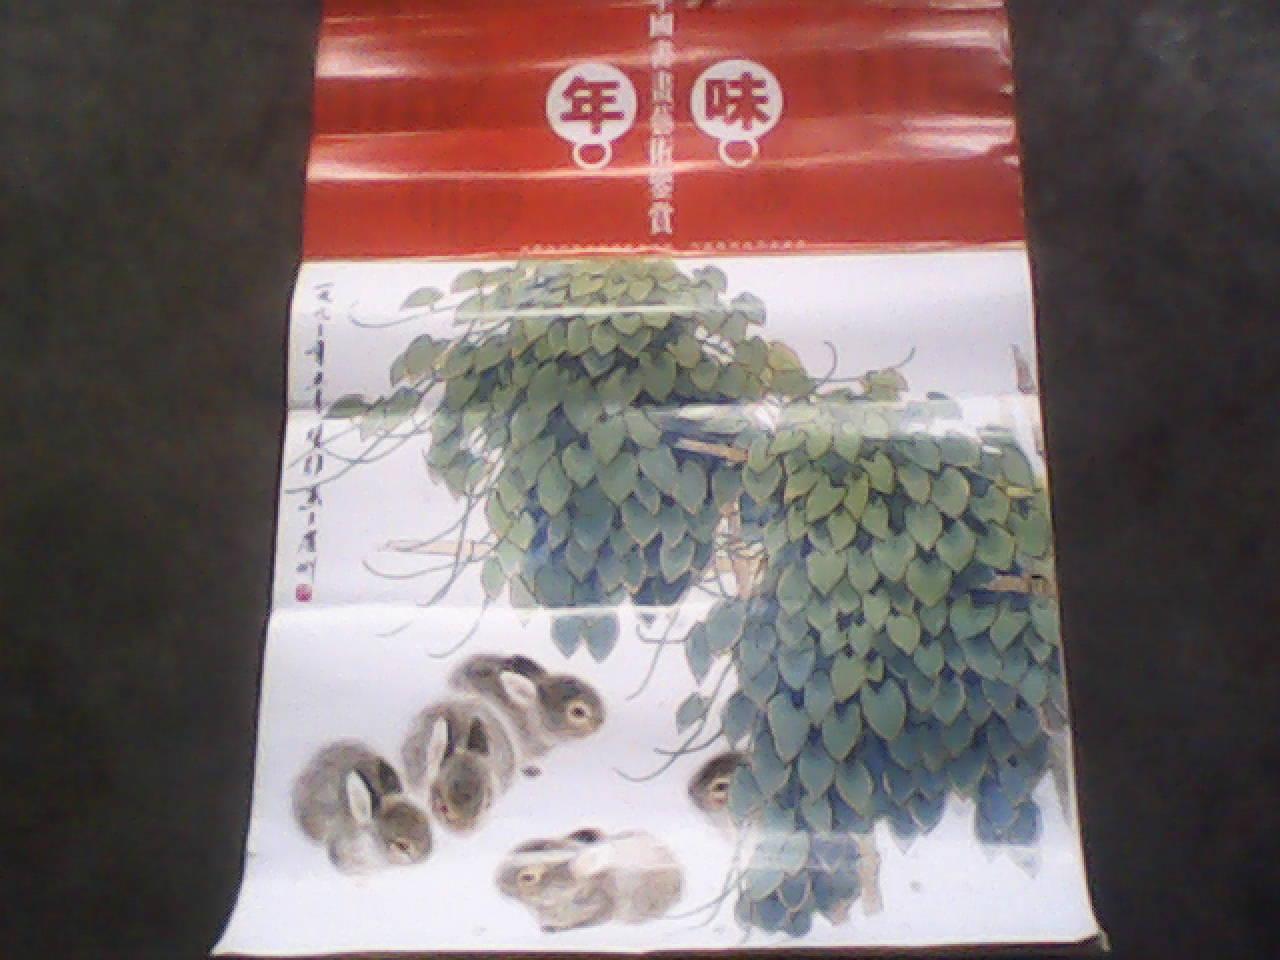 中国书画艺术鉴赏 中国当代实力派画家刘奎龄、方雄楚经典作品鉴赏挂历〈年味〉